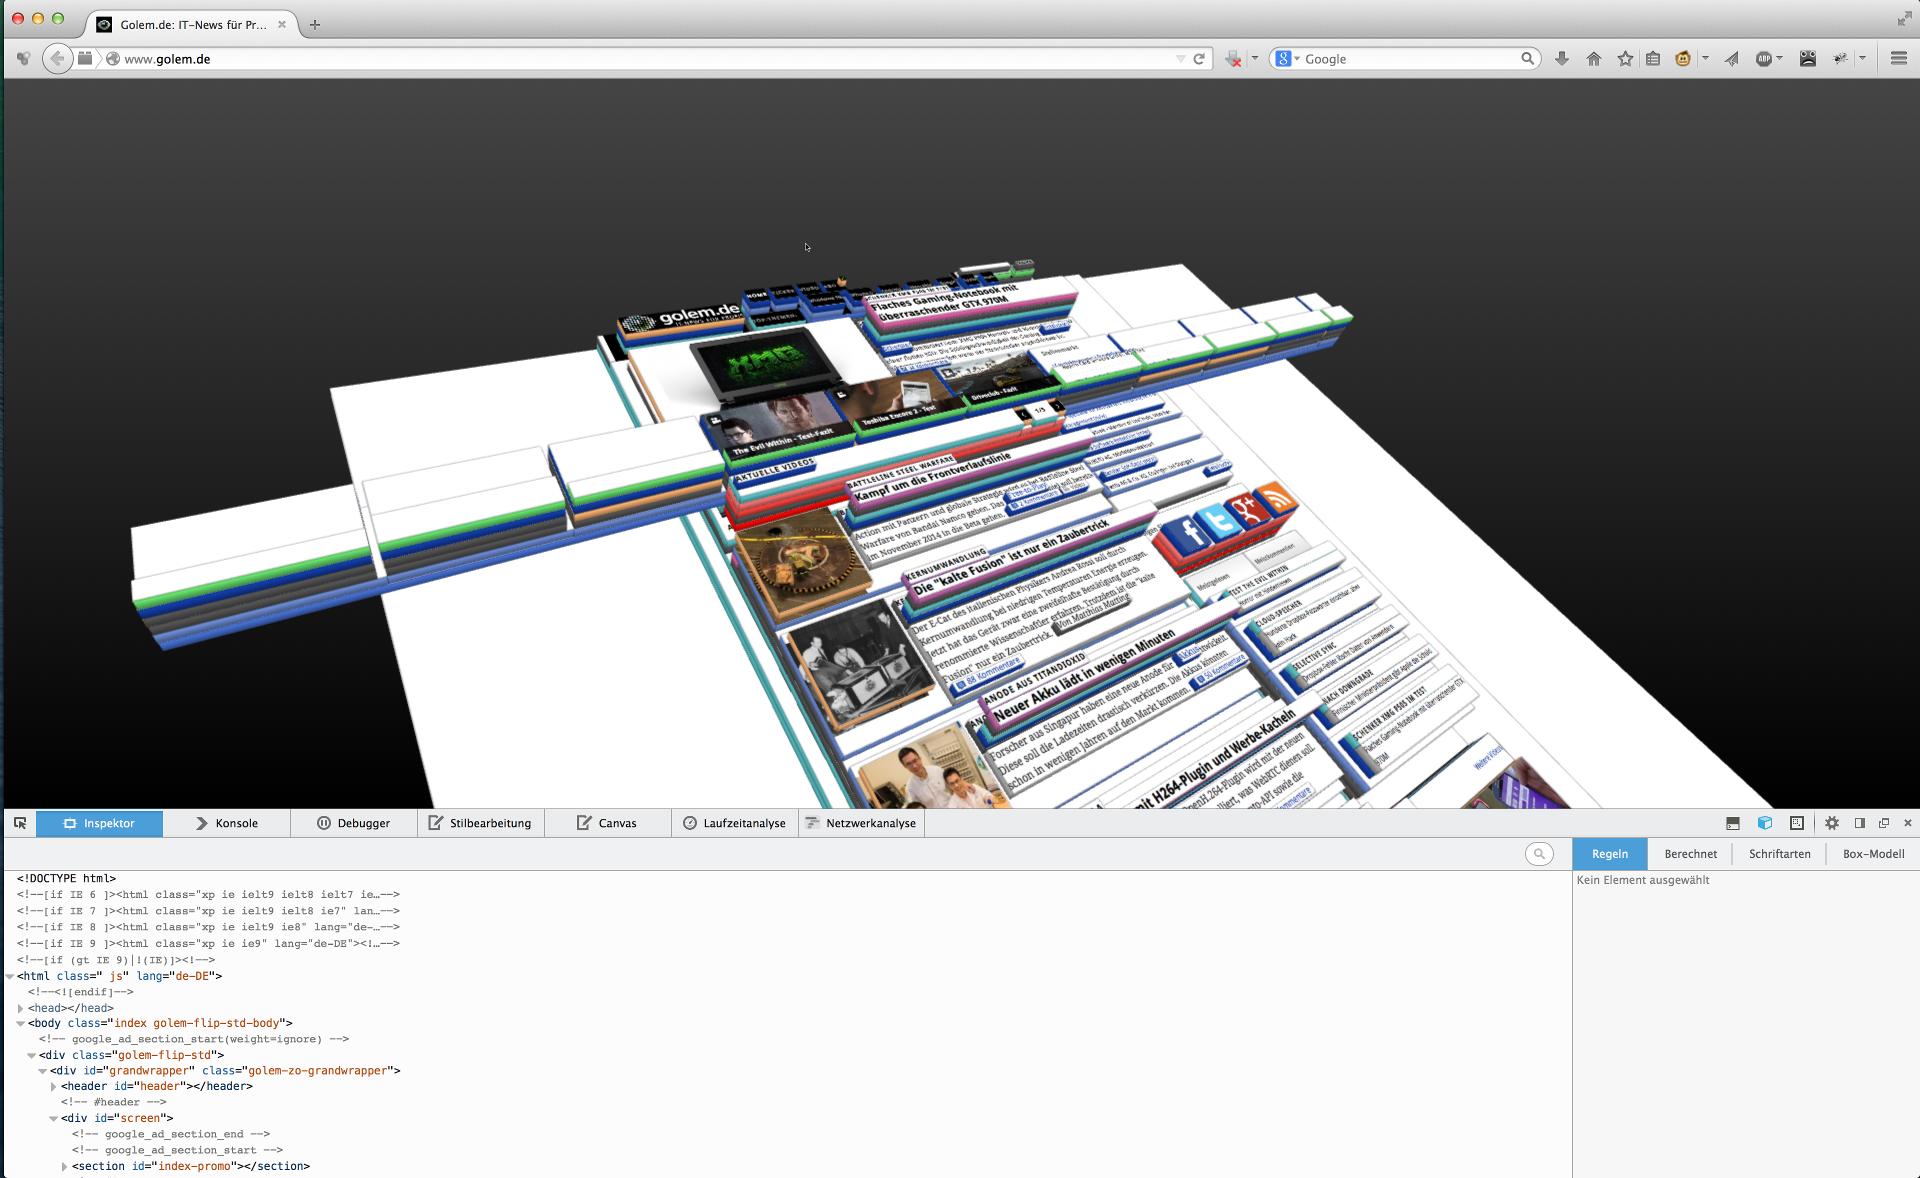 3D-Druck ausprobiert: Internetausdrucker 4.0 - ... erscheint die Webseite in 3D.(Bild: Alexander Merz/Golem.de)